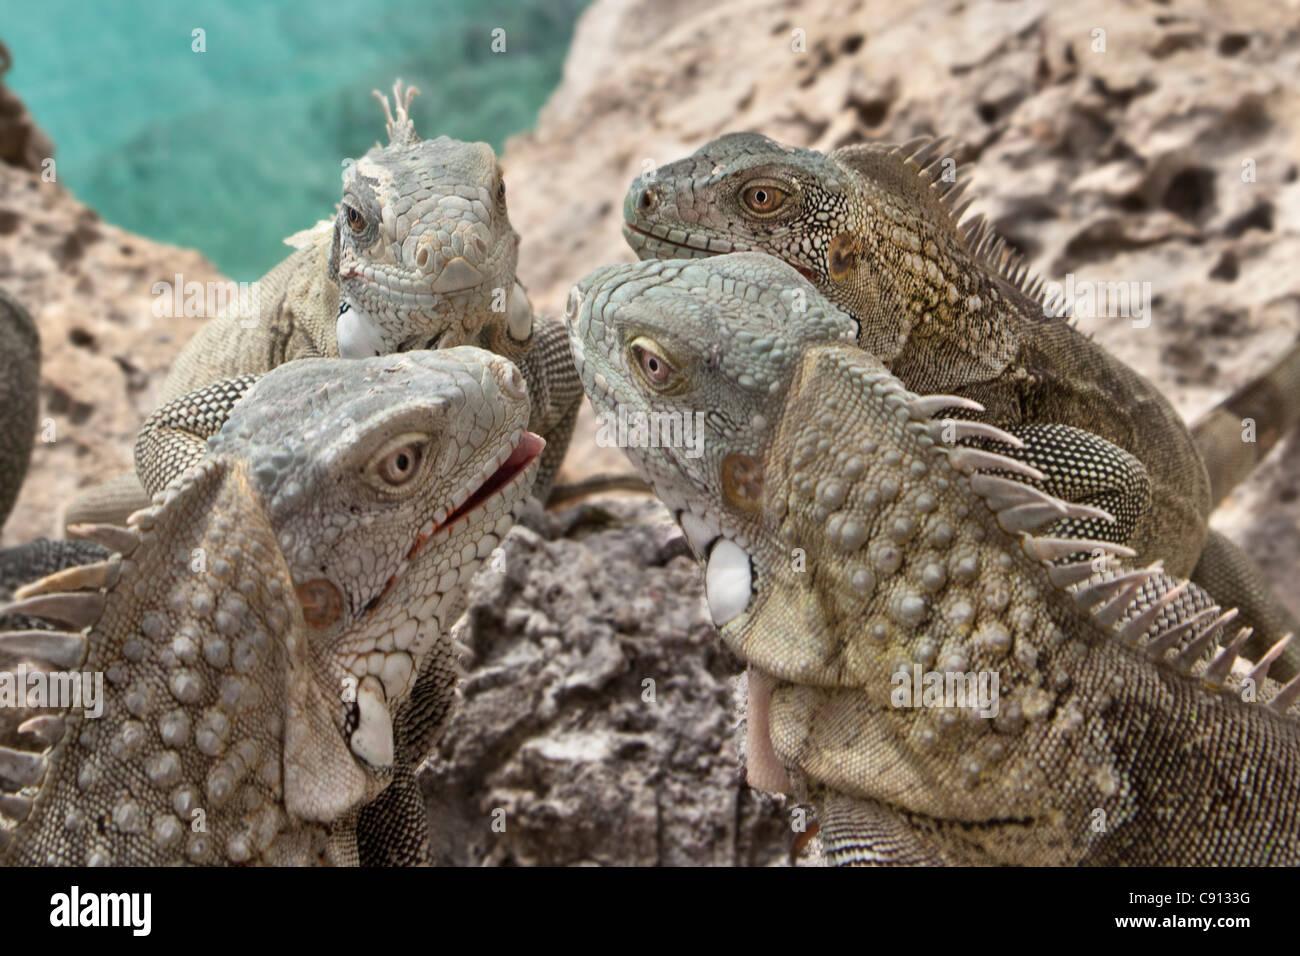 I Paesi Bassi, Bonaire Island, olandese dei Caraibi, Kralendijk, Verde ( Iguana Iguana iguana ). Foto Stock